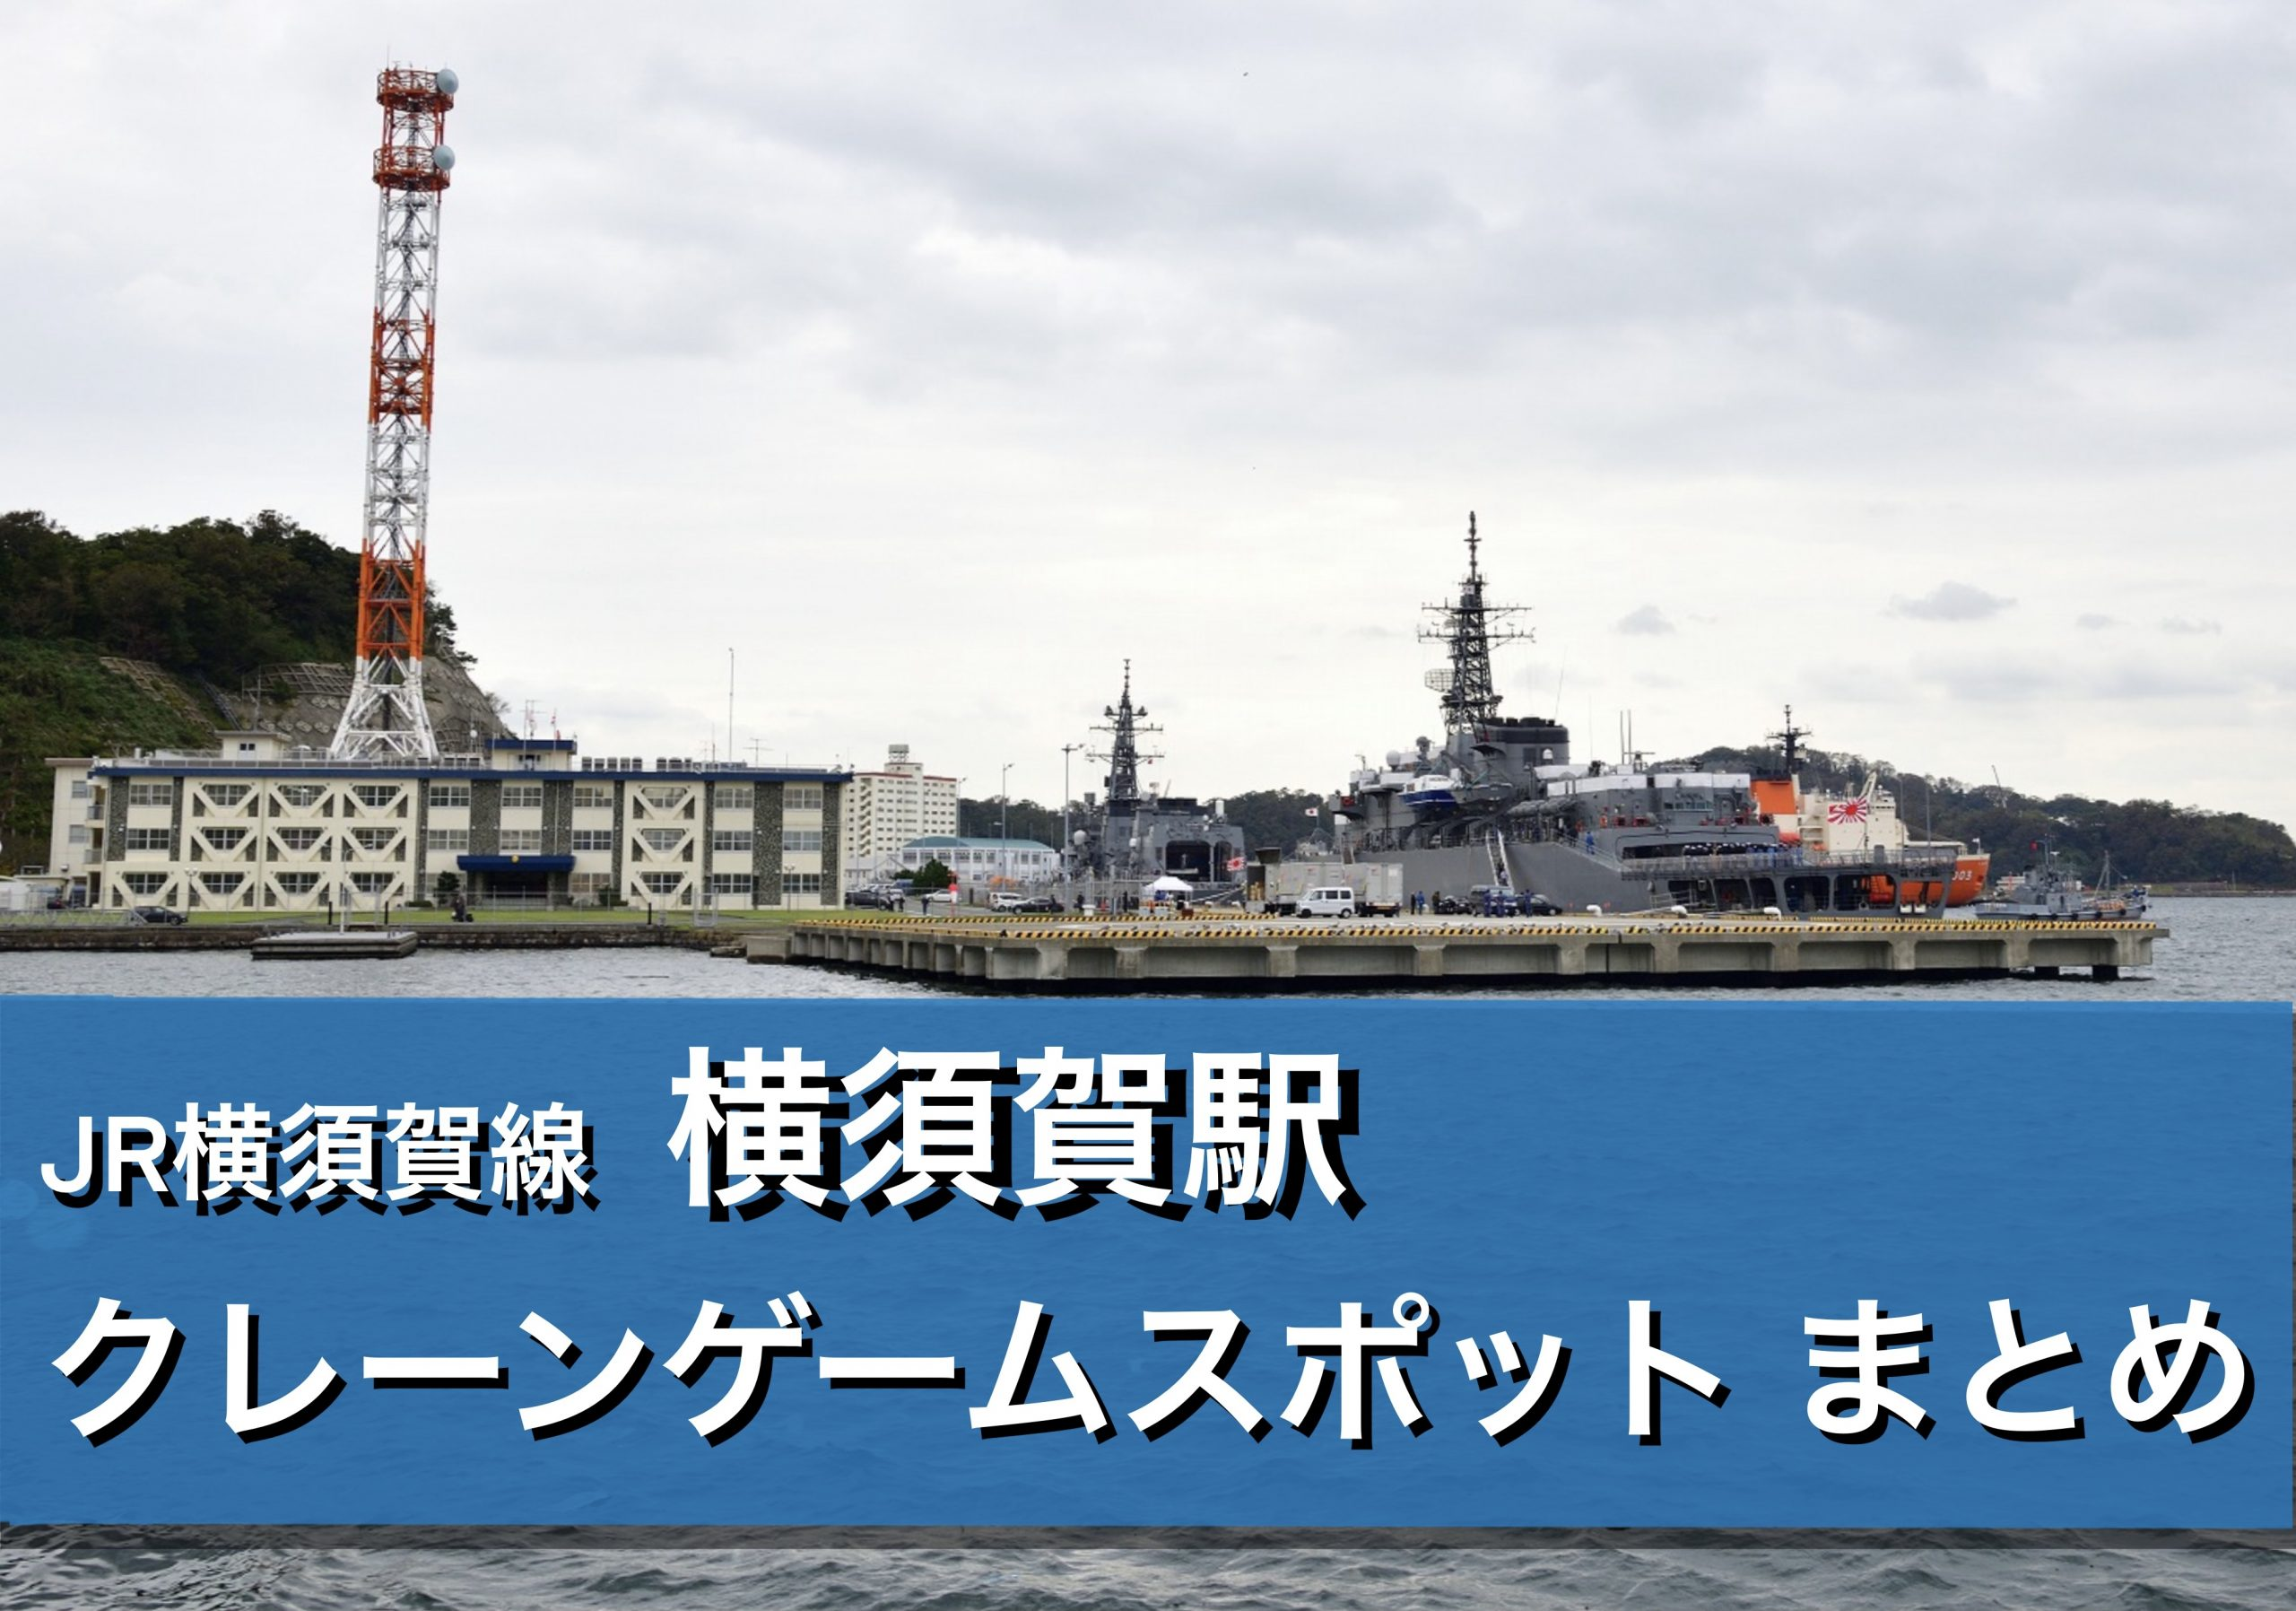 【横須賀駅】クレーンゲームができる場所